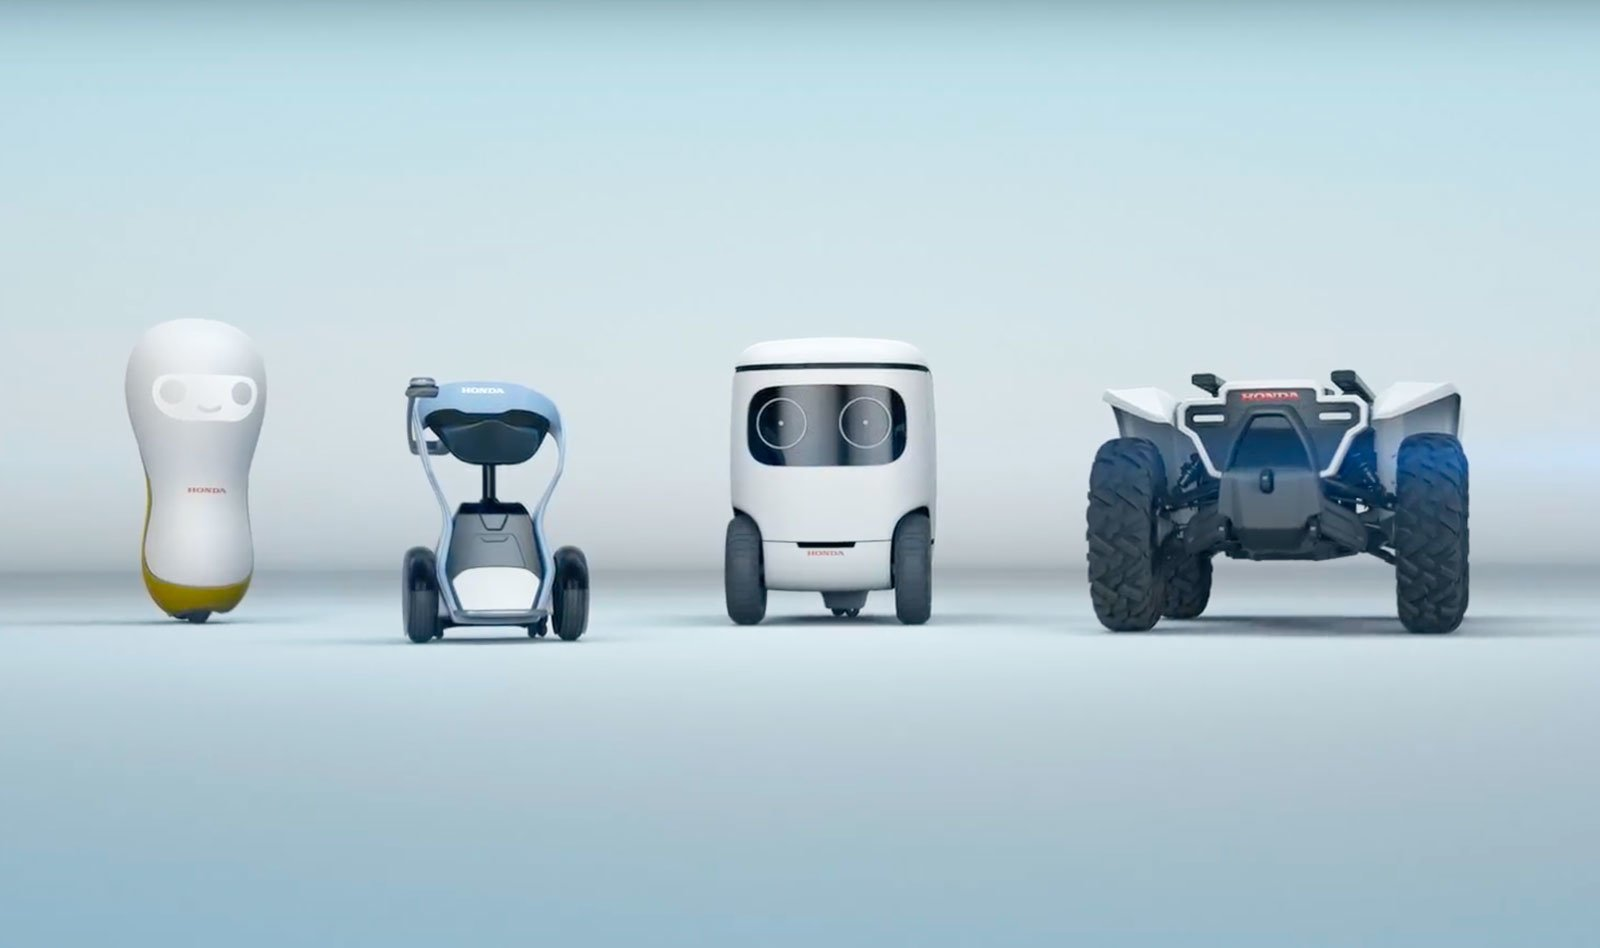 Honda'dan Şirin mi Şirin Robot Konseptleri: 3E Serisi